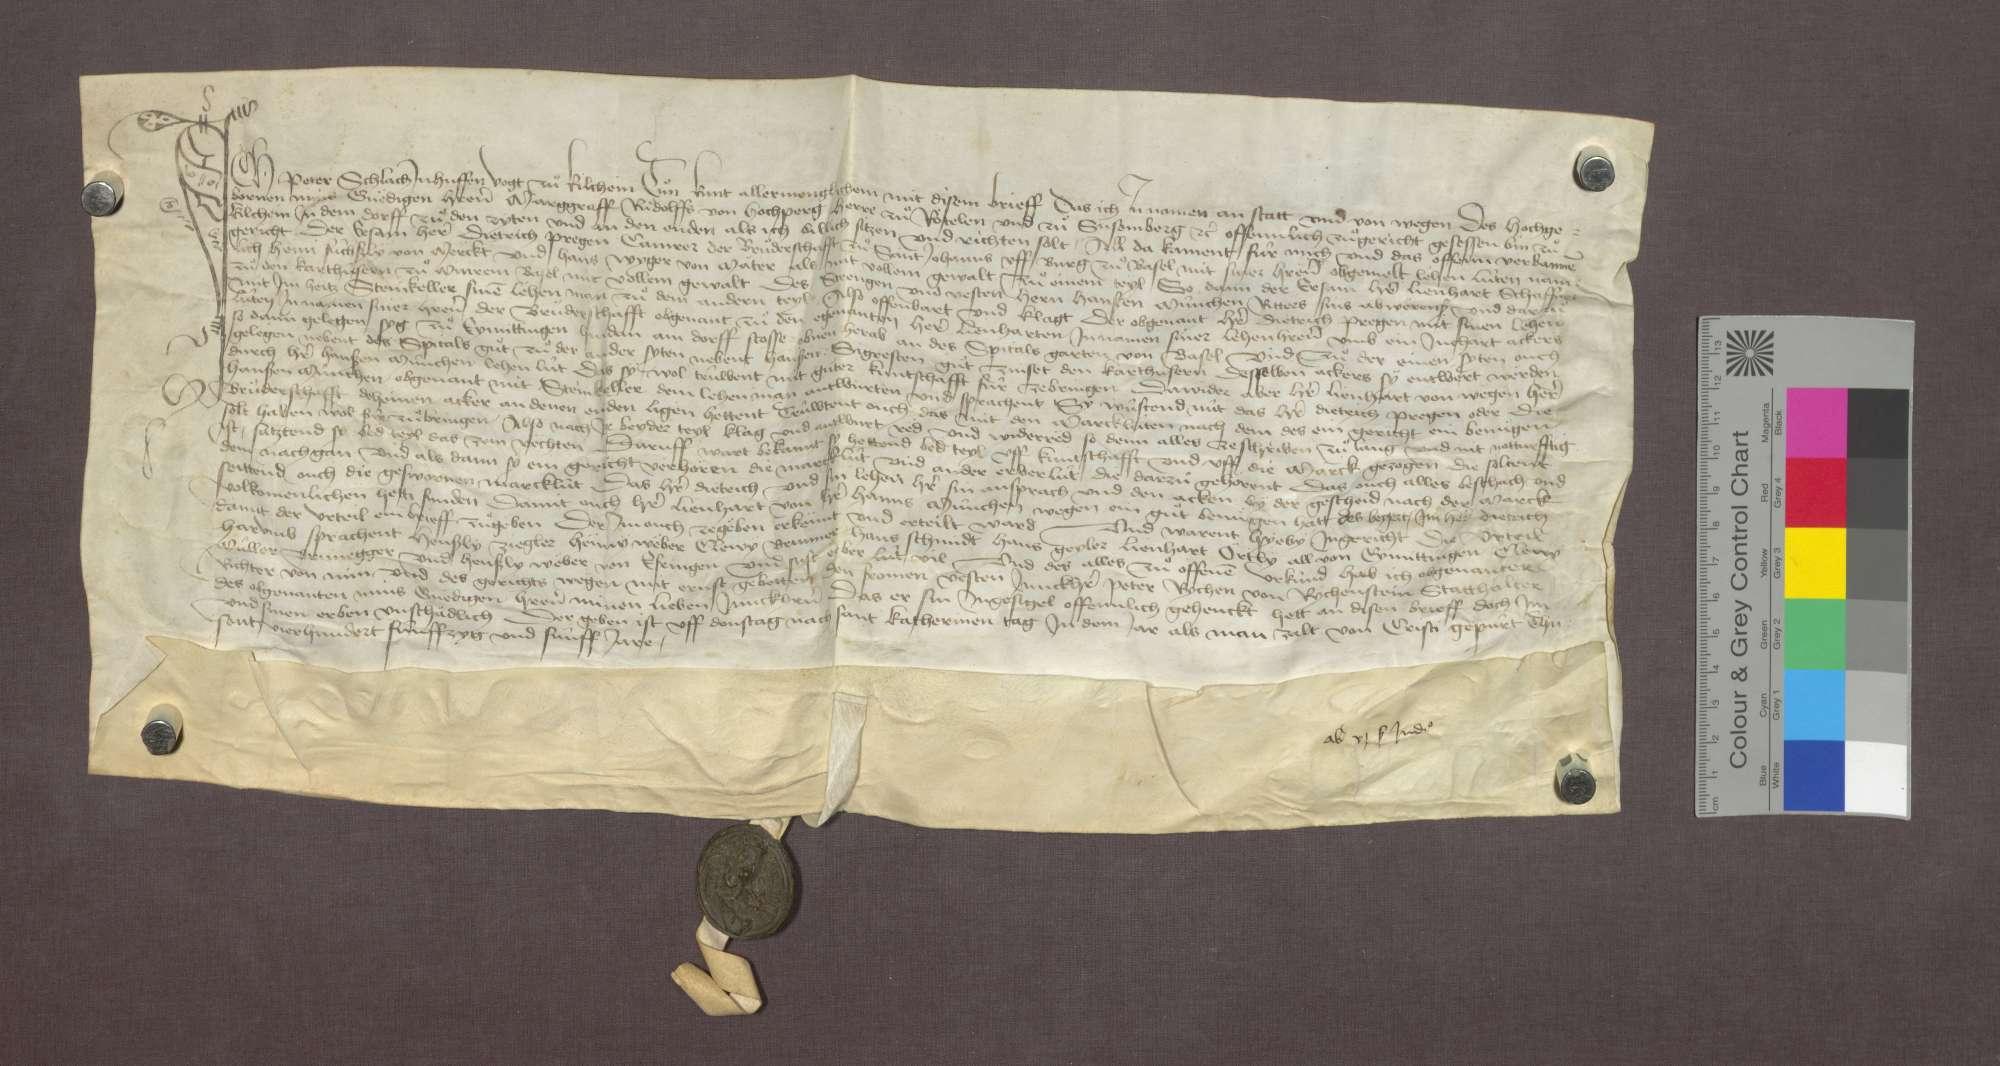 Das Gericht zu Kirchen spricht dem Stift St. Johann auf Burg in Basel im Streit mit dem Ritter Hans Münch einen Acker zu. Der Acker liegt zu Eimeldingen und gehört in das Lehngut des Heini Füßli von Märkt., Bild 1